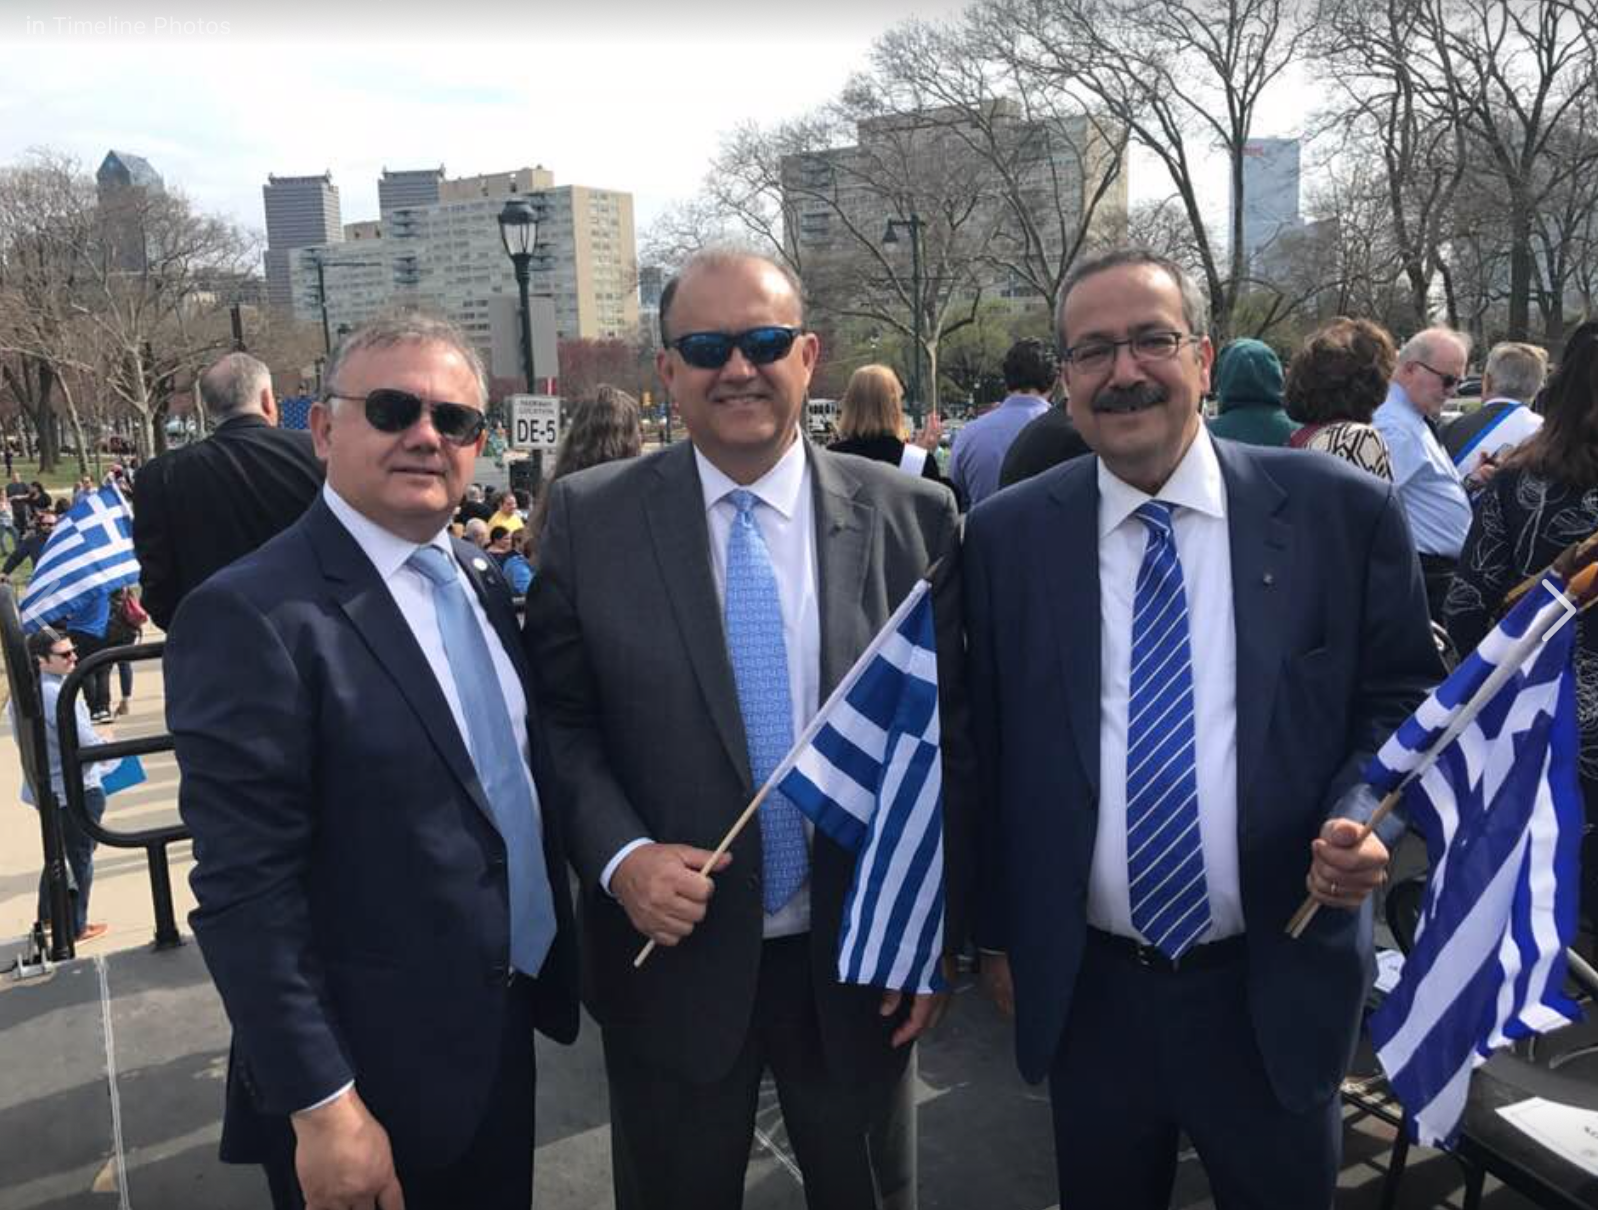 (L-R) AHI Board Member Dimitris Halakos, Nick Larigakis, & AHI Foundation Board Member Spiros Spireas